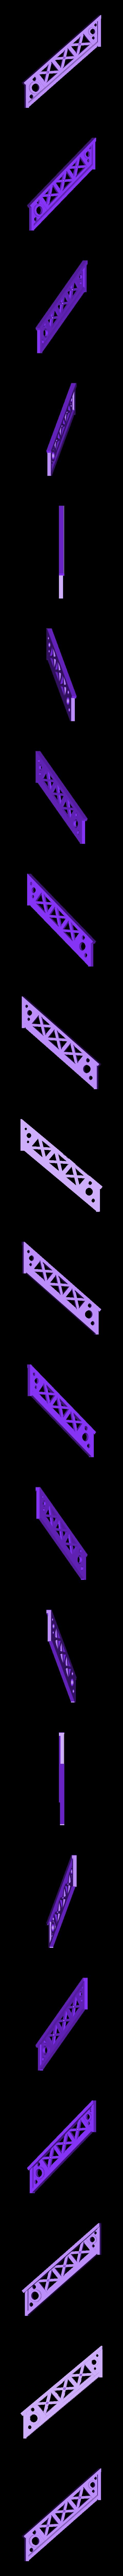 bannister2.stl Télécharger fichier STL gratuit Ripper's London - The (Modular) Factory • Modèle pour imprimante 3D, Earsling